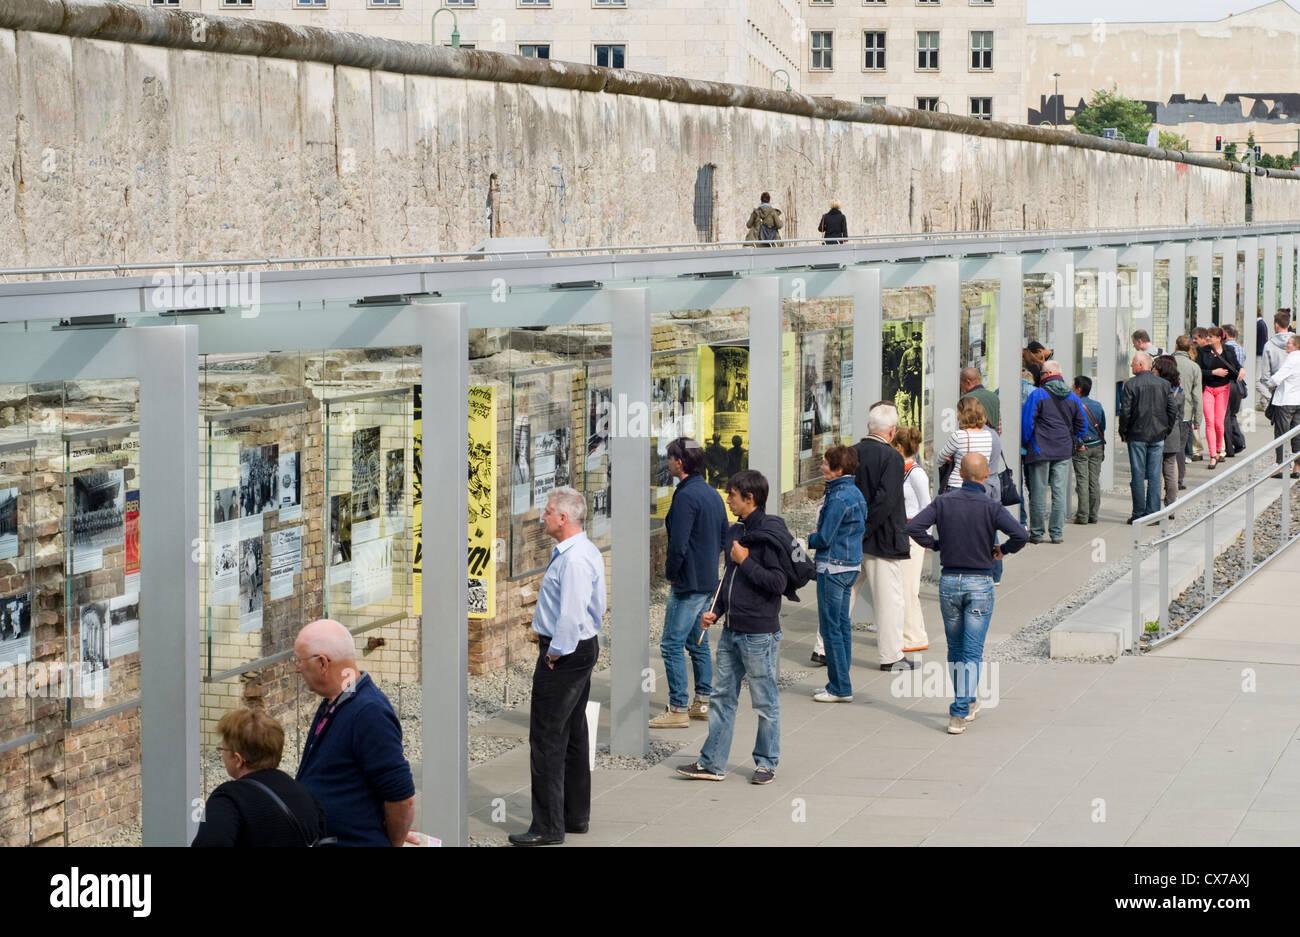 Los turistas en el museo al aire libre de Topografía del Terror en Berlín, Alemania, que incluye una sección conservada Foto de stock